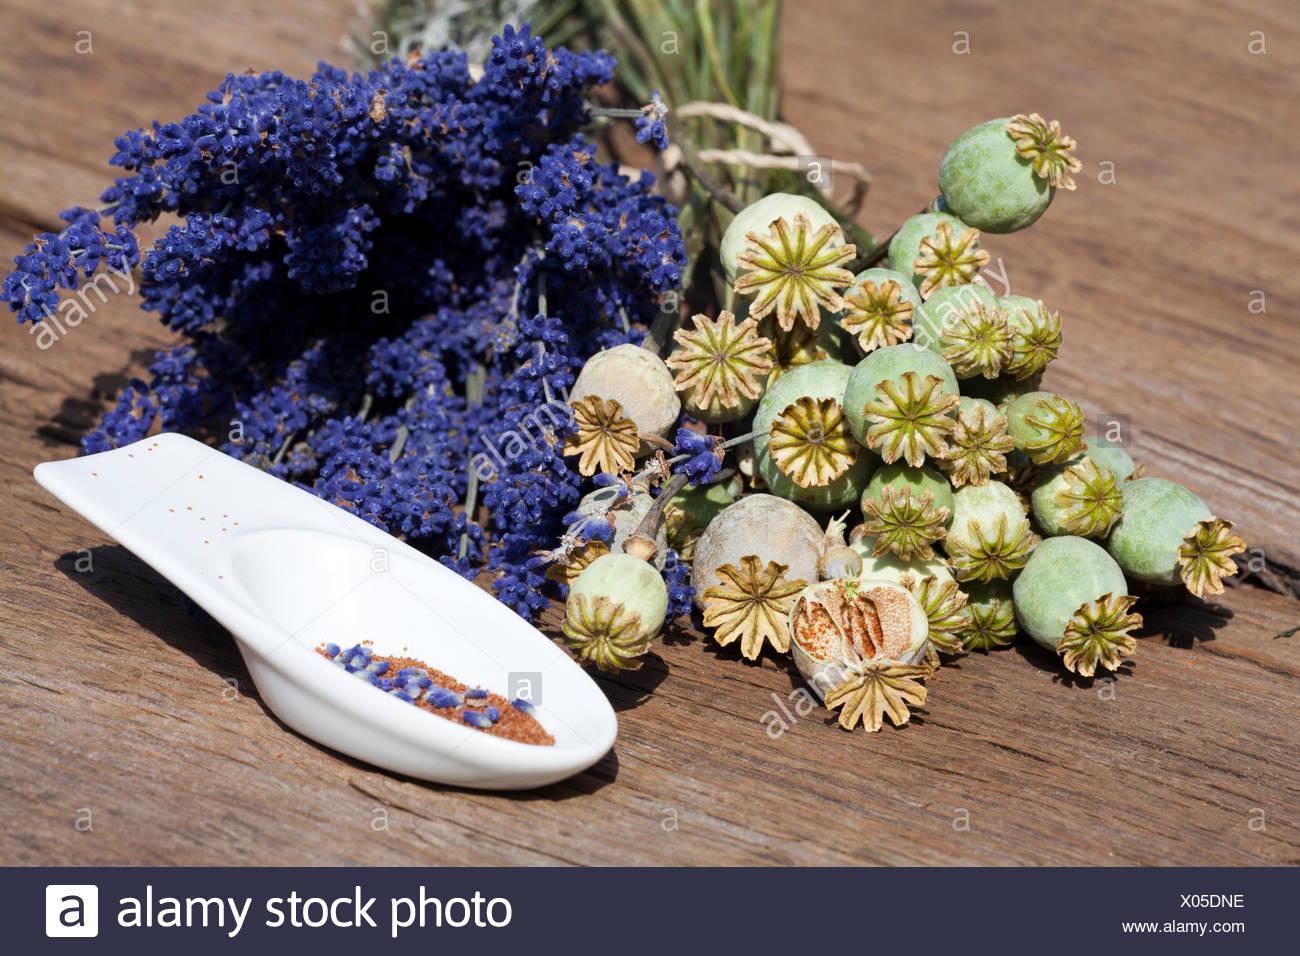 Sommerernte von Lavendelblüten, Schlafmonkapseln und Mohnsamen in einer kleinen Porzellanschale auf einem rustikalem Holztisch - Stock Image